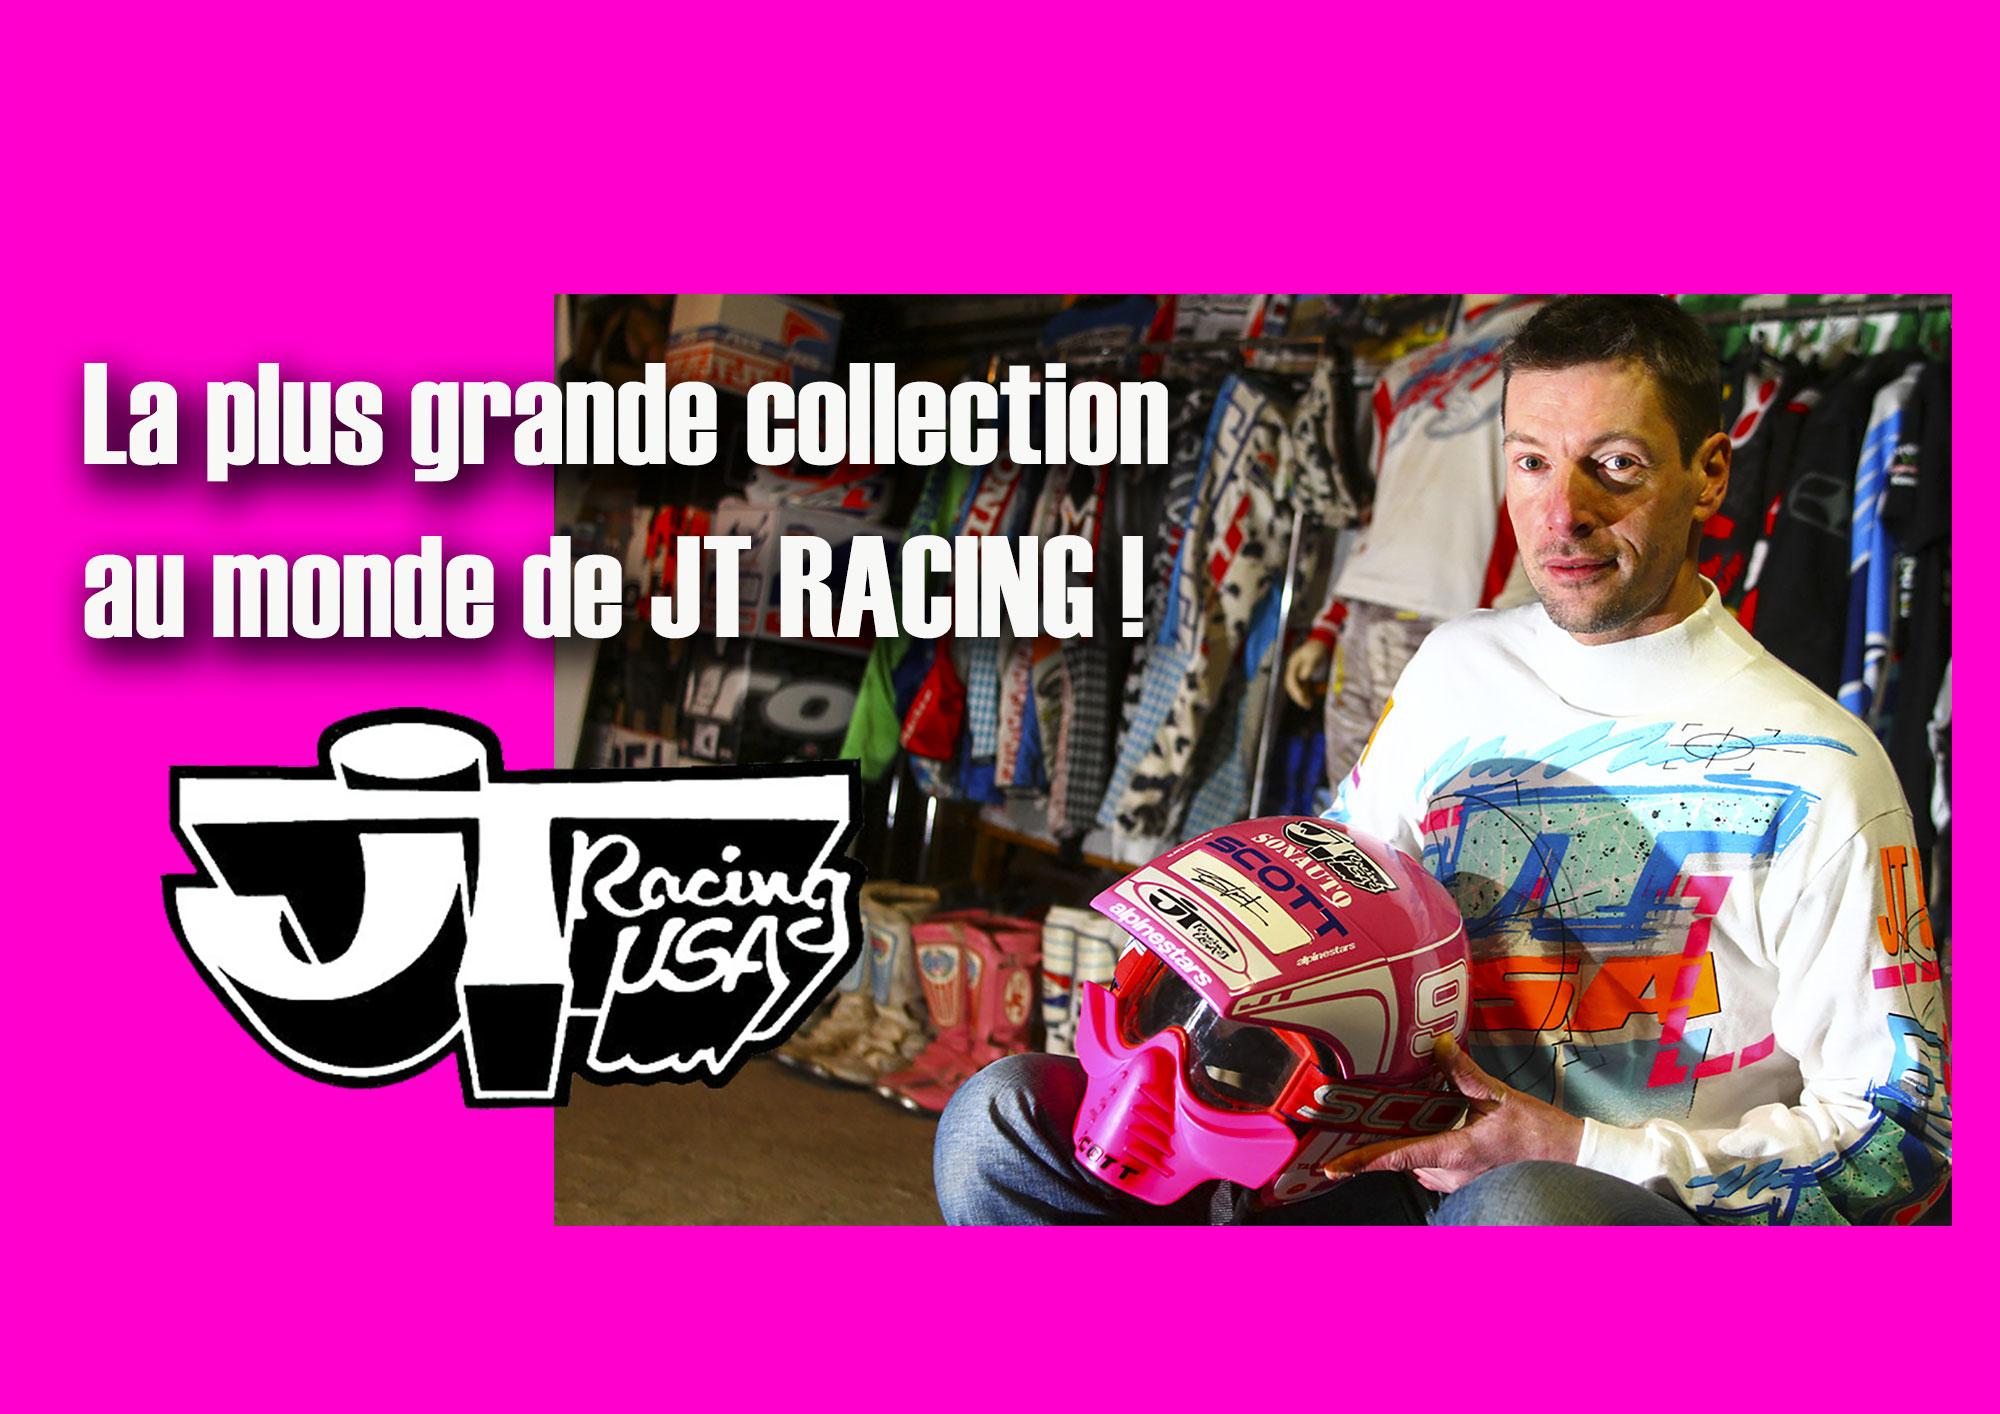 La plus grande collection JT RACING au monde !